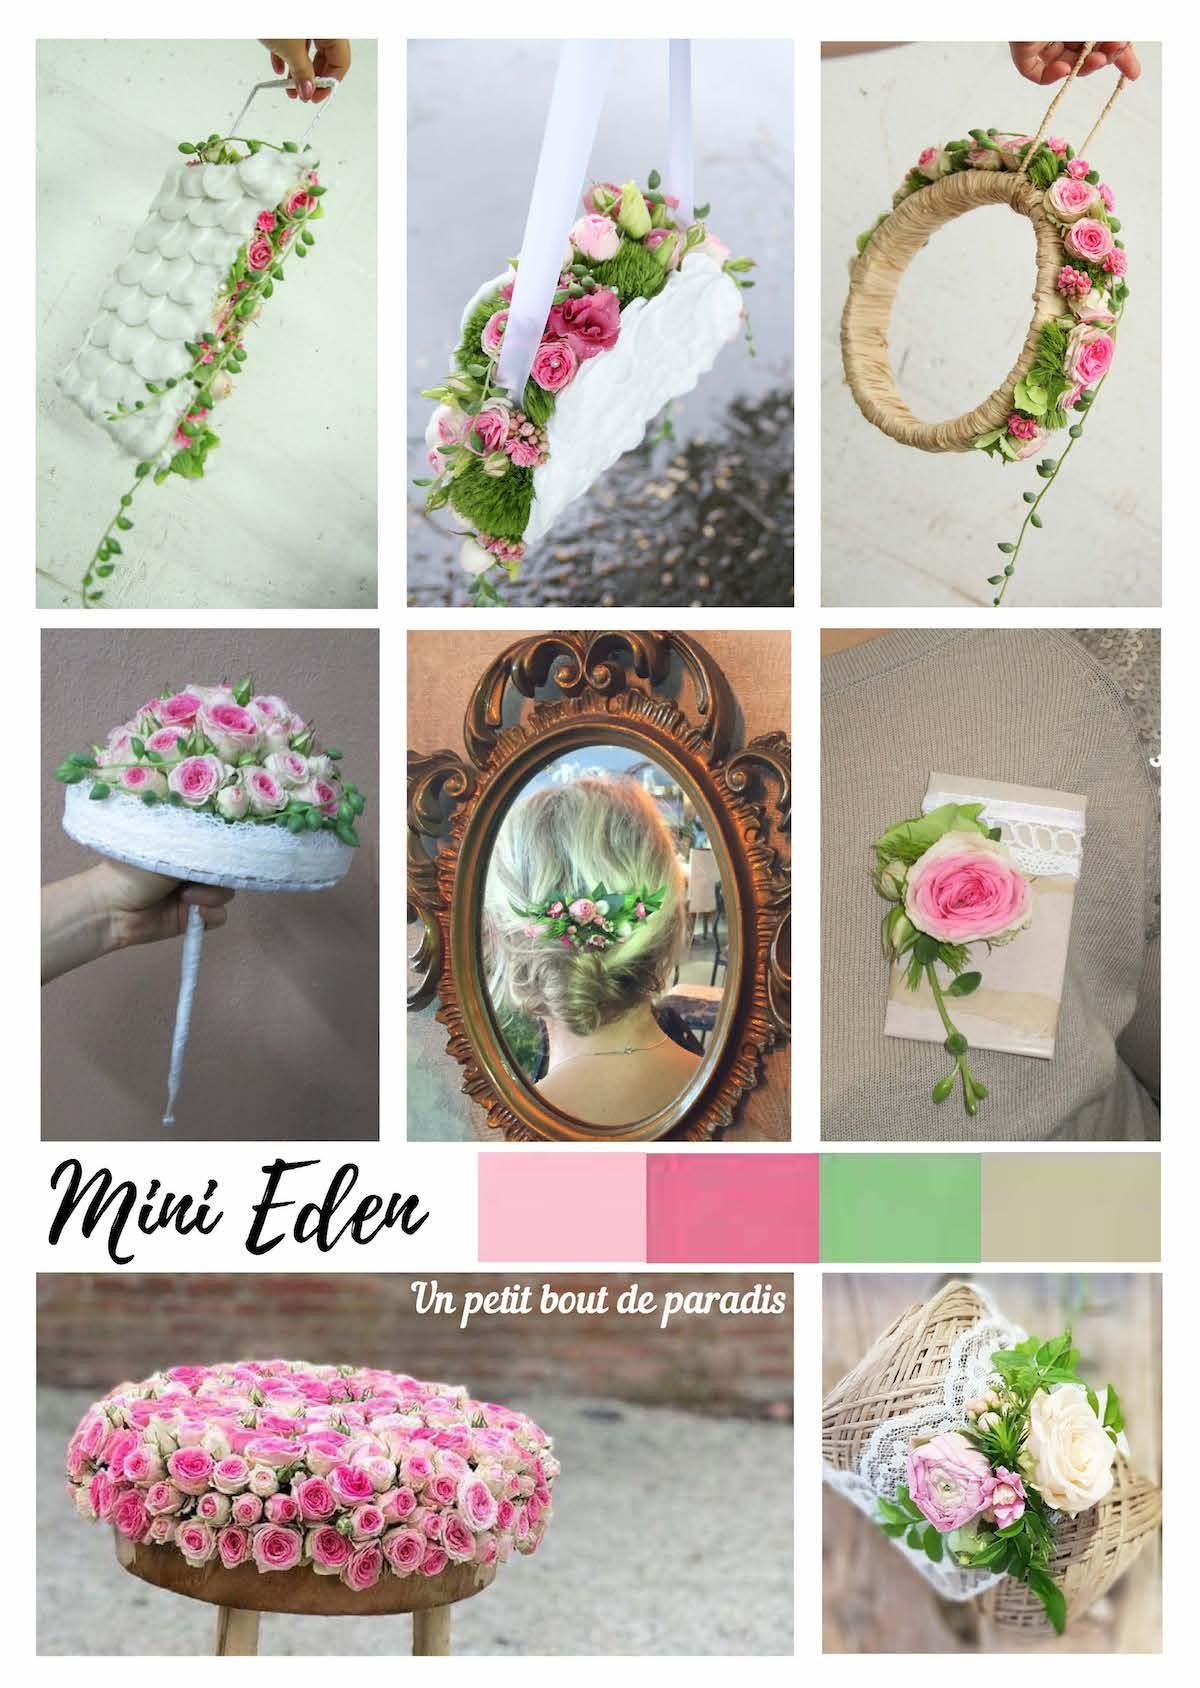 Mariage fleuri mini Eden